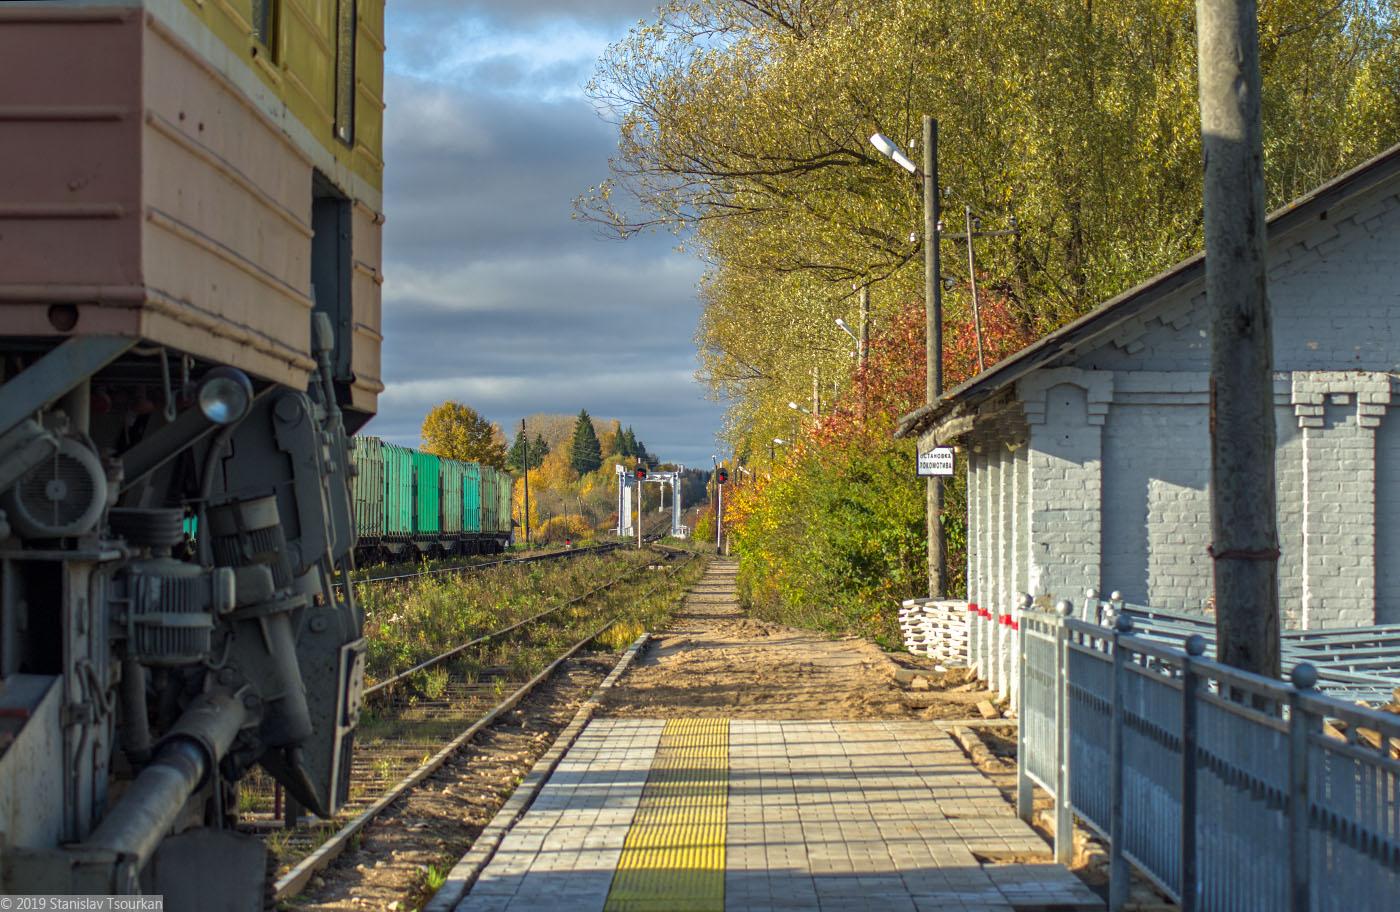 ж/д вокзал, станция Красный холм, вокзал, деревянный вокзал, Красный холм, тепловоз, пути